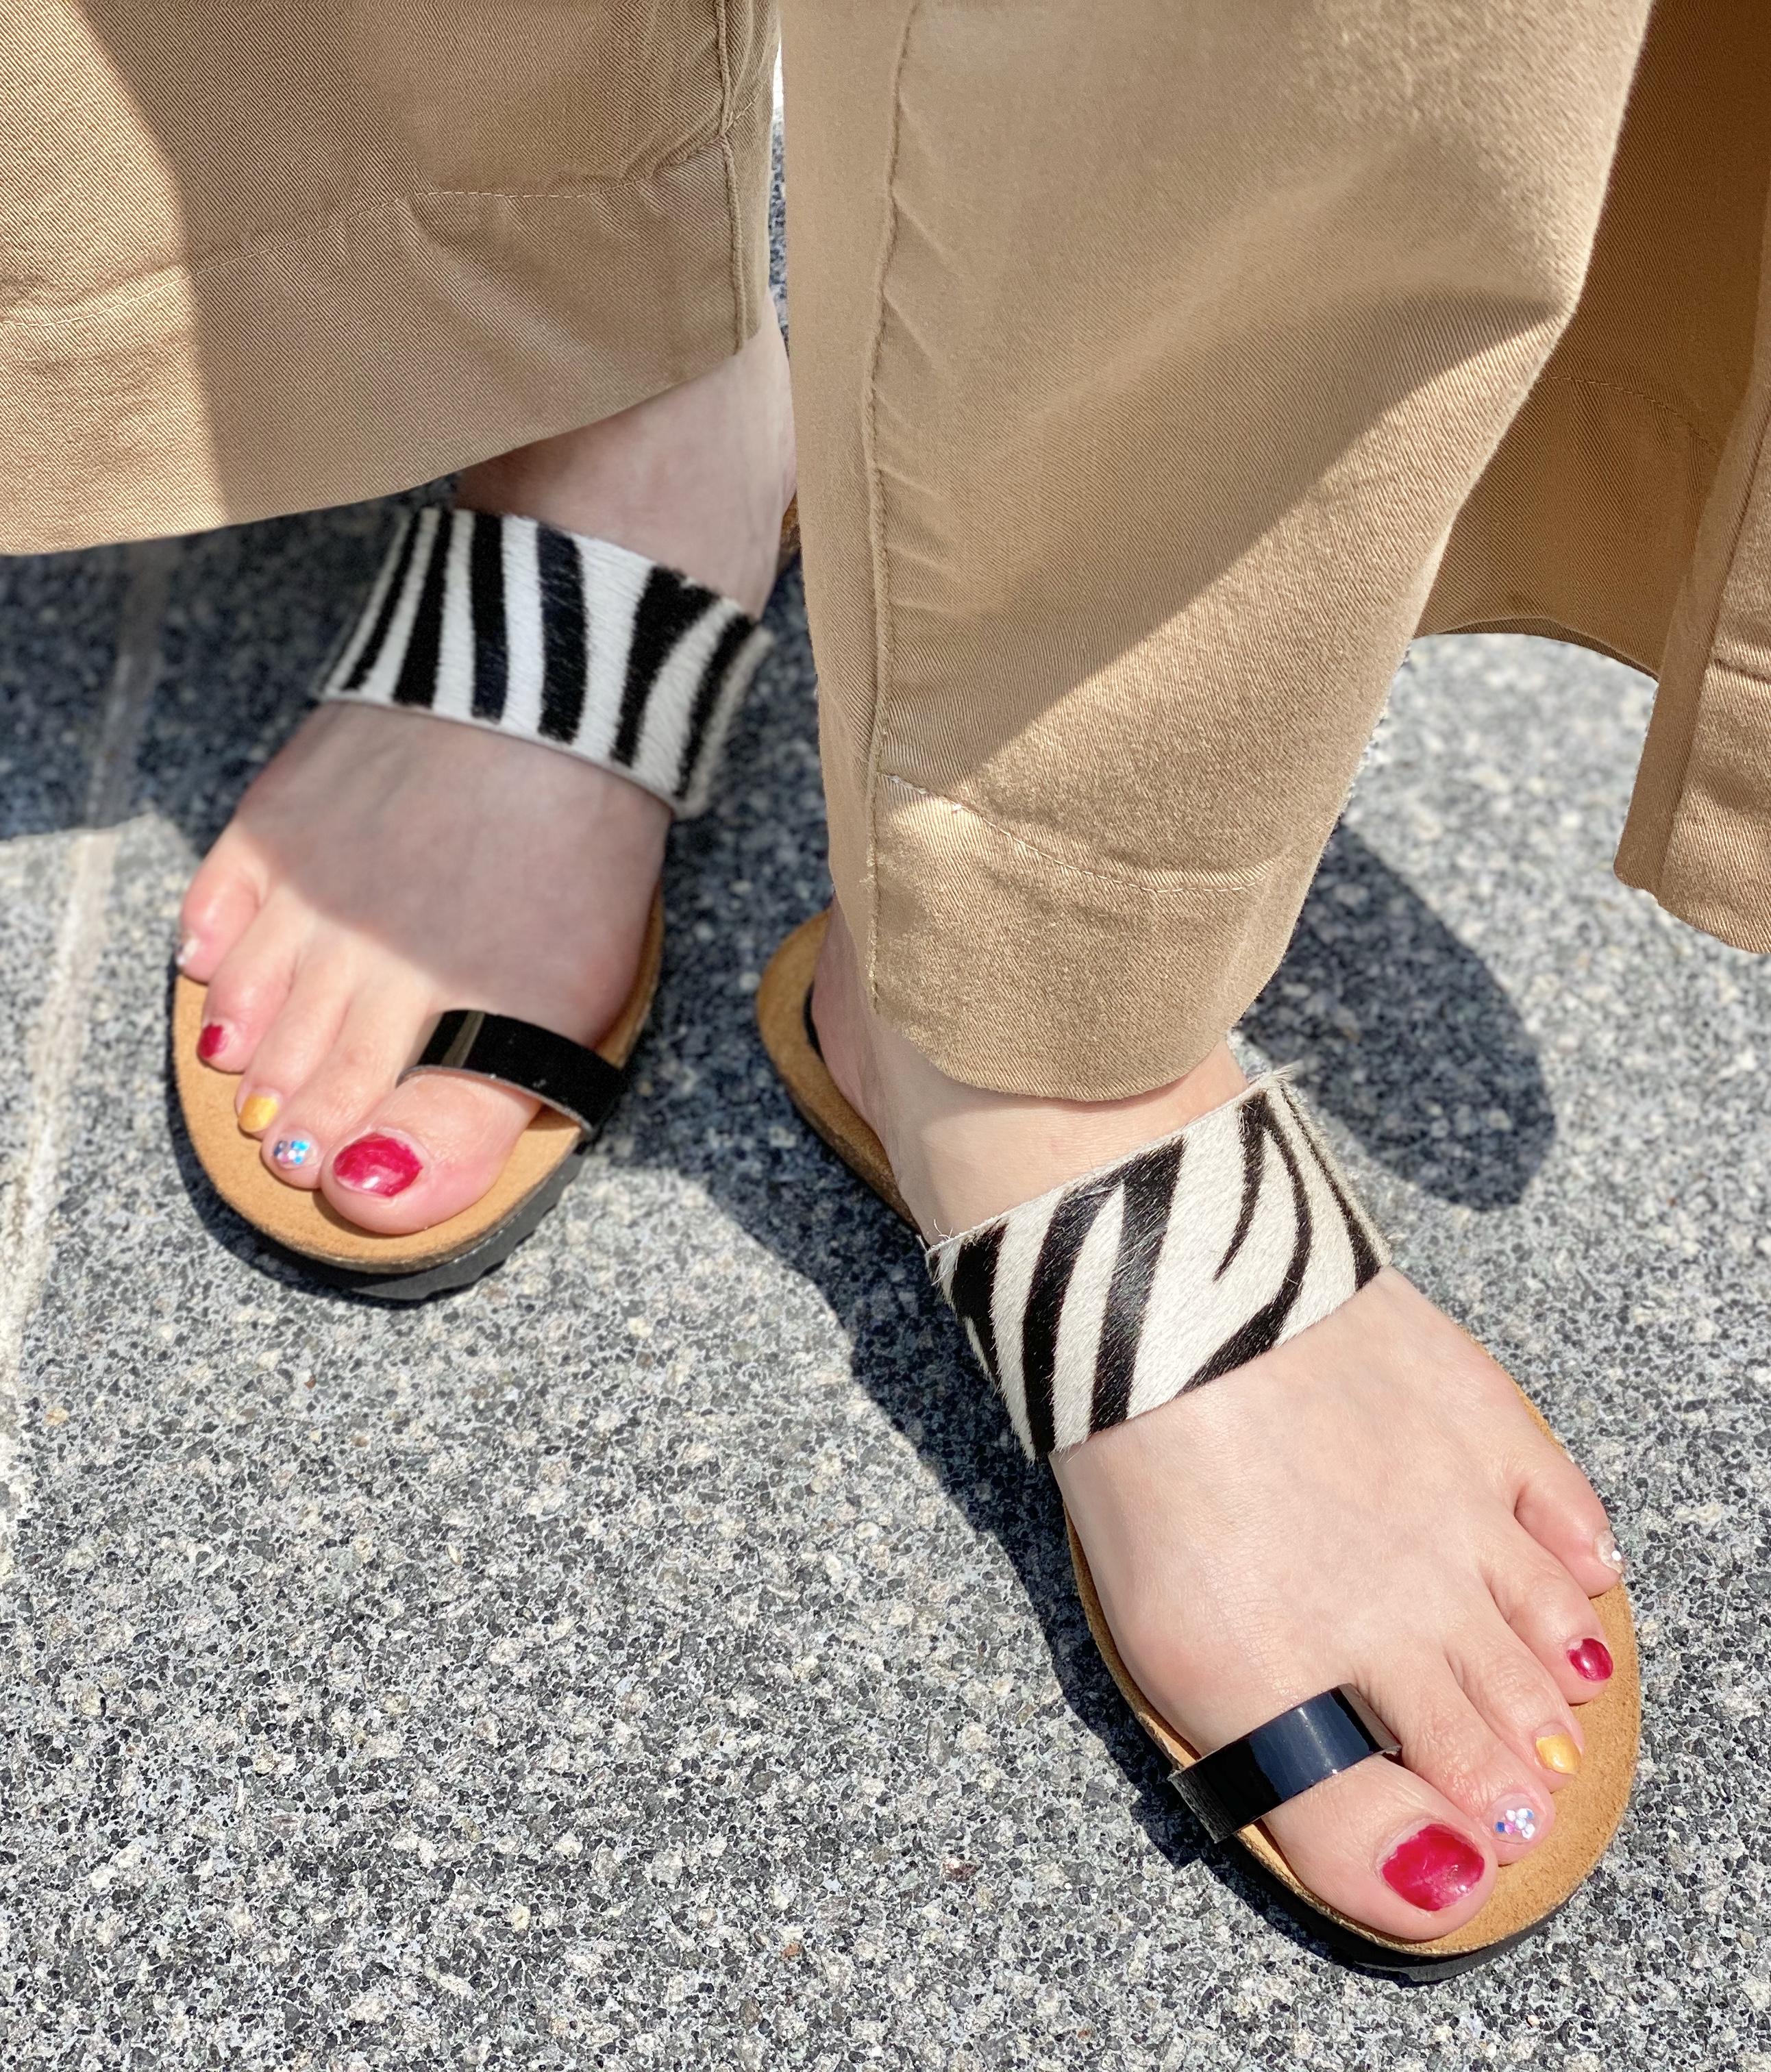 atnek by scrap book 京都 ポルタ サンダル ペネロペ コレクション sandal